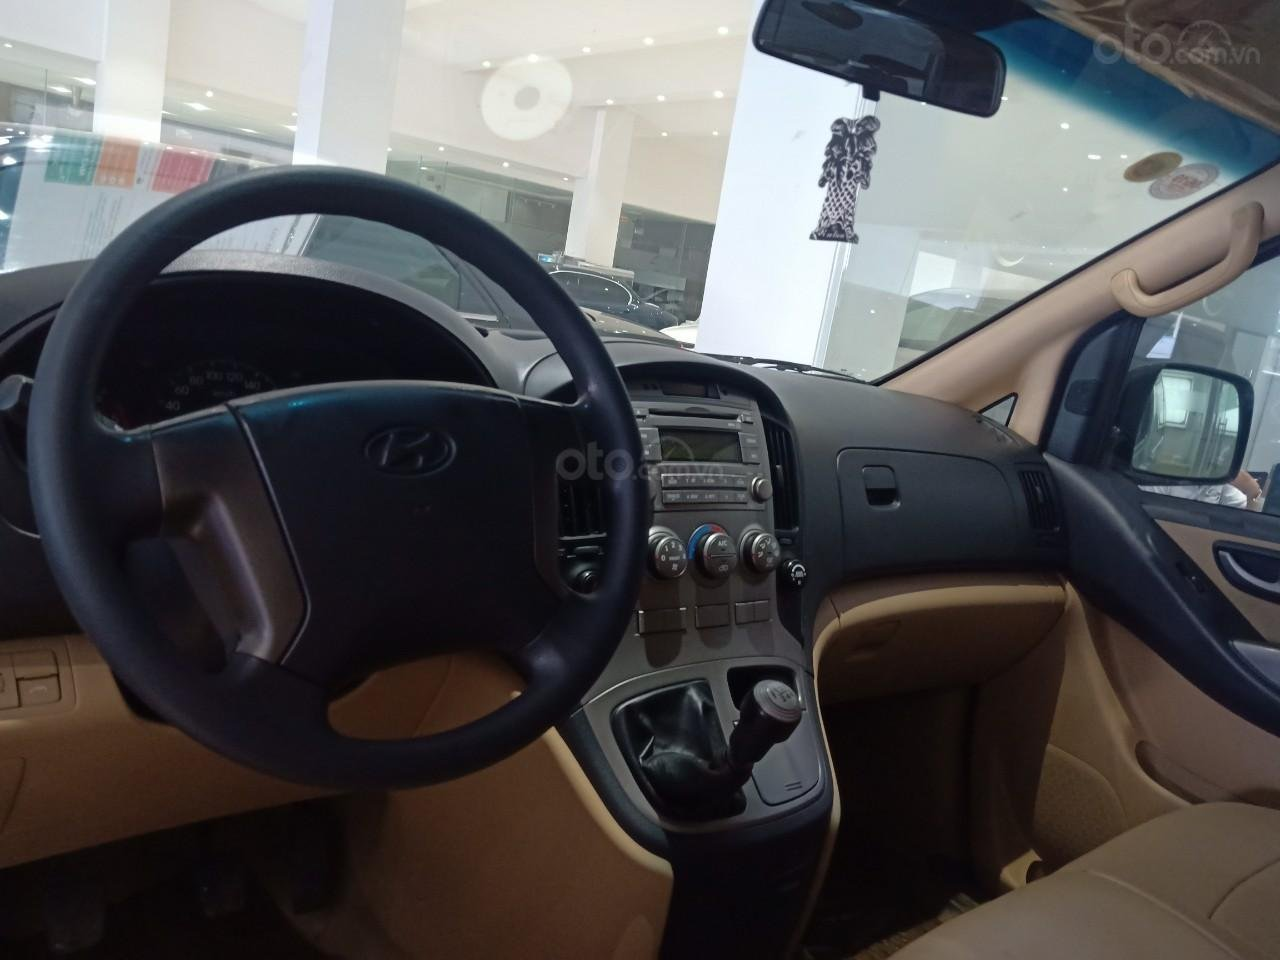 Bán xe Hyundai Starex 2.5D MT 9 chỗ 2013, màu bạc, xe nhập, giá tốt (4)